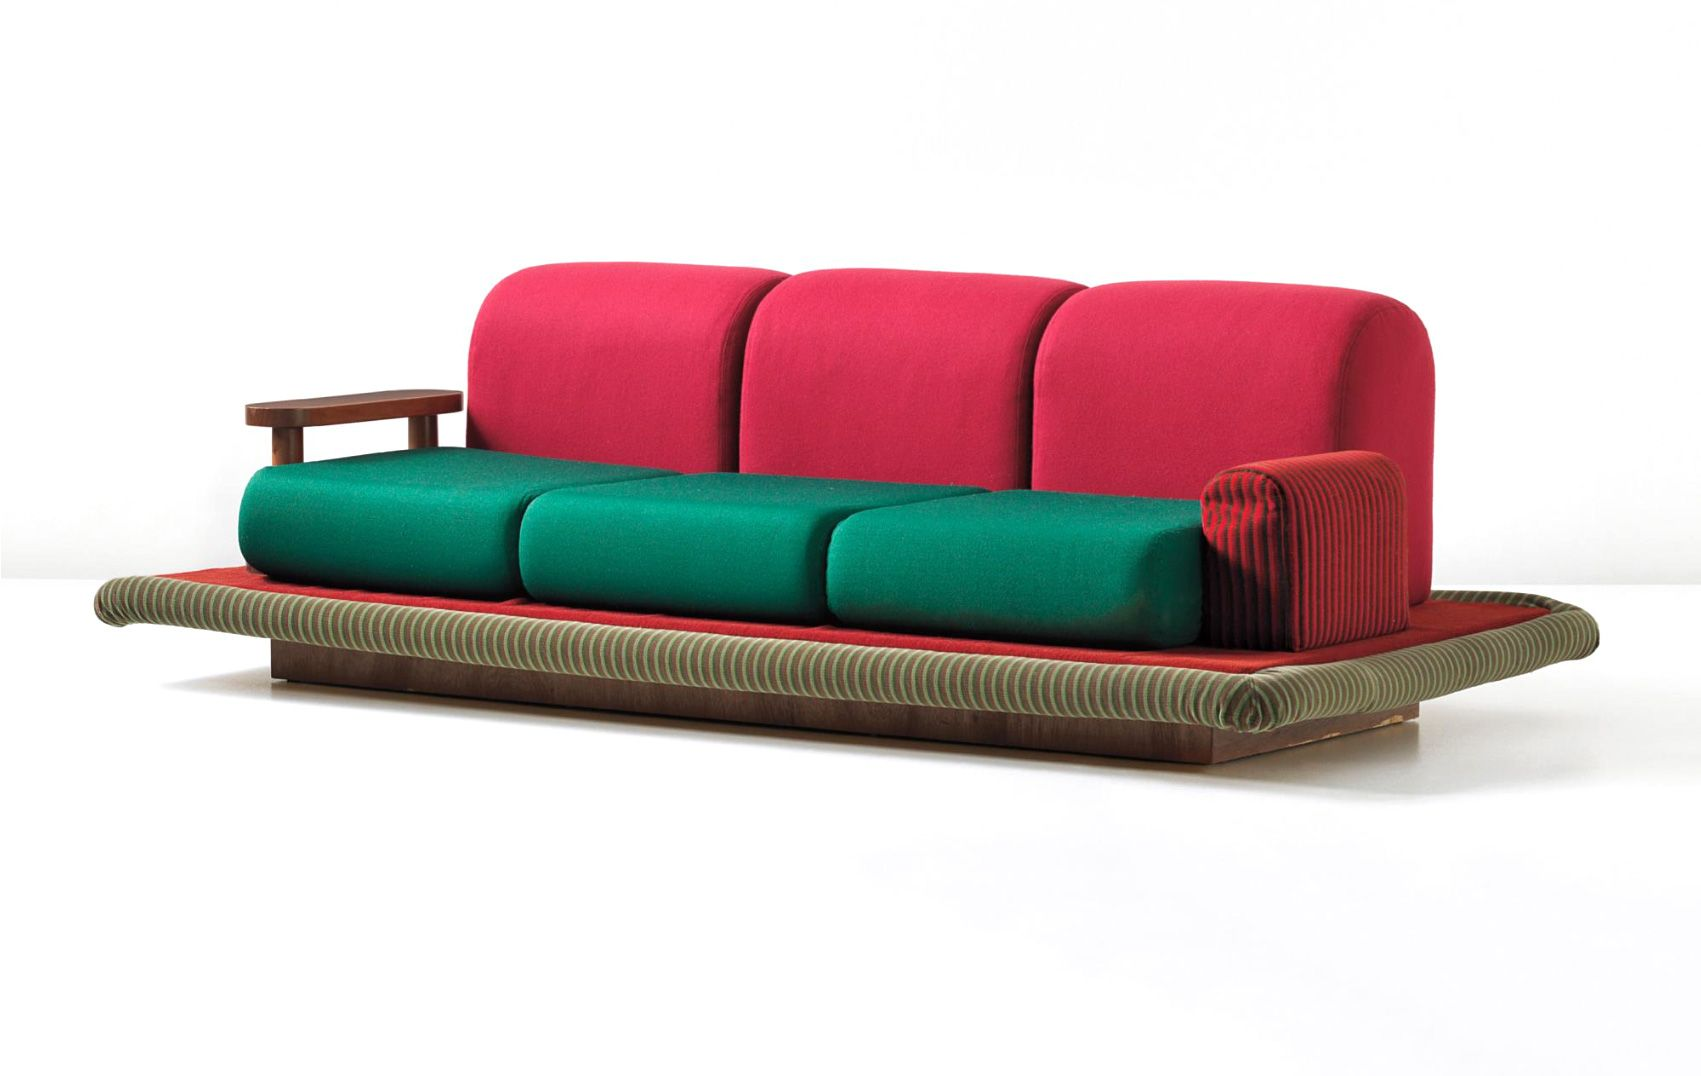 TAPPETO VOLANTE Sofa | ETTORE SOTTSASS | Pinterest for Ettore Sottsass Sofa  570bof